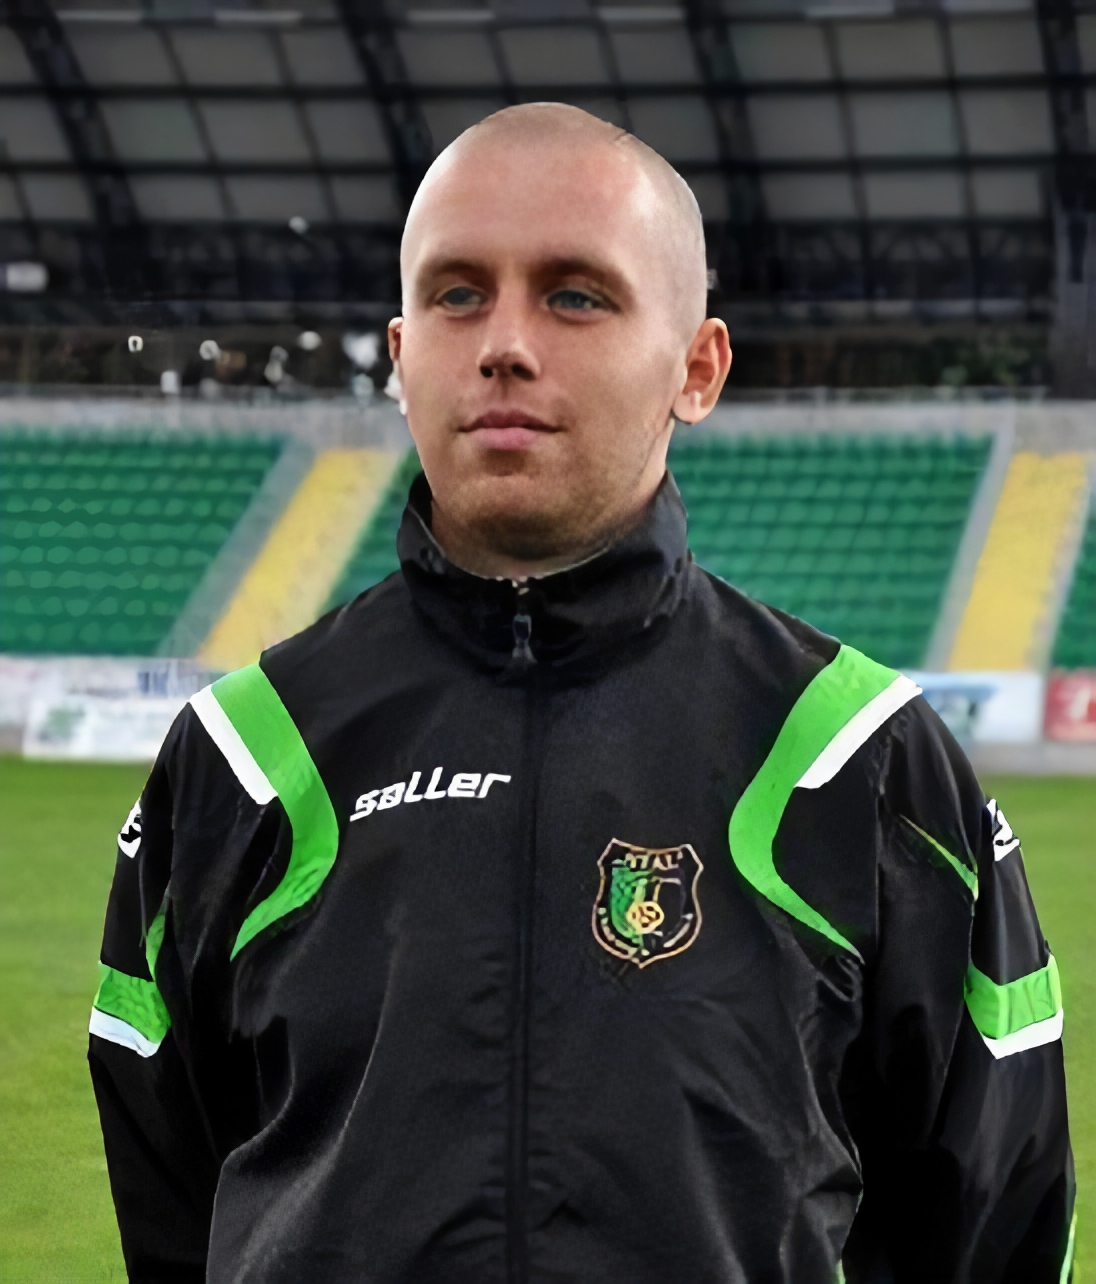 Tomasz Fijarczyk, fizjoterapeuta Stali Stalowa Wola, właściciel gabinetu FizjoSport Stalowa Wola